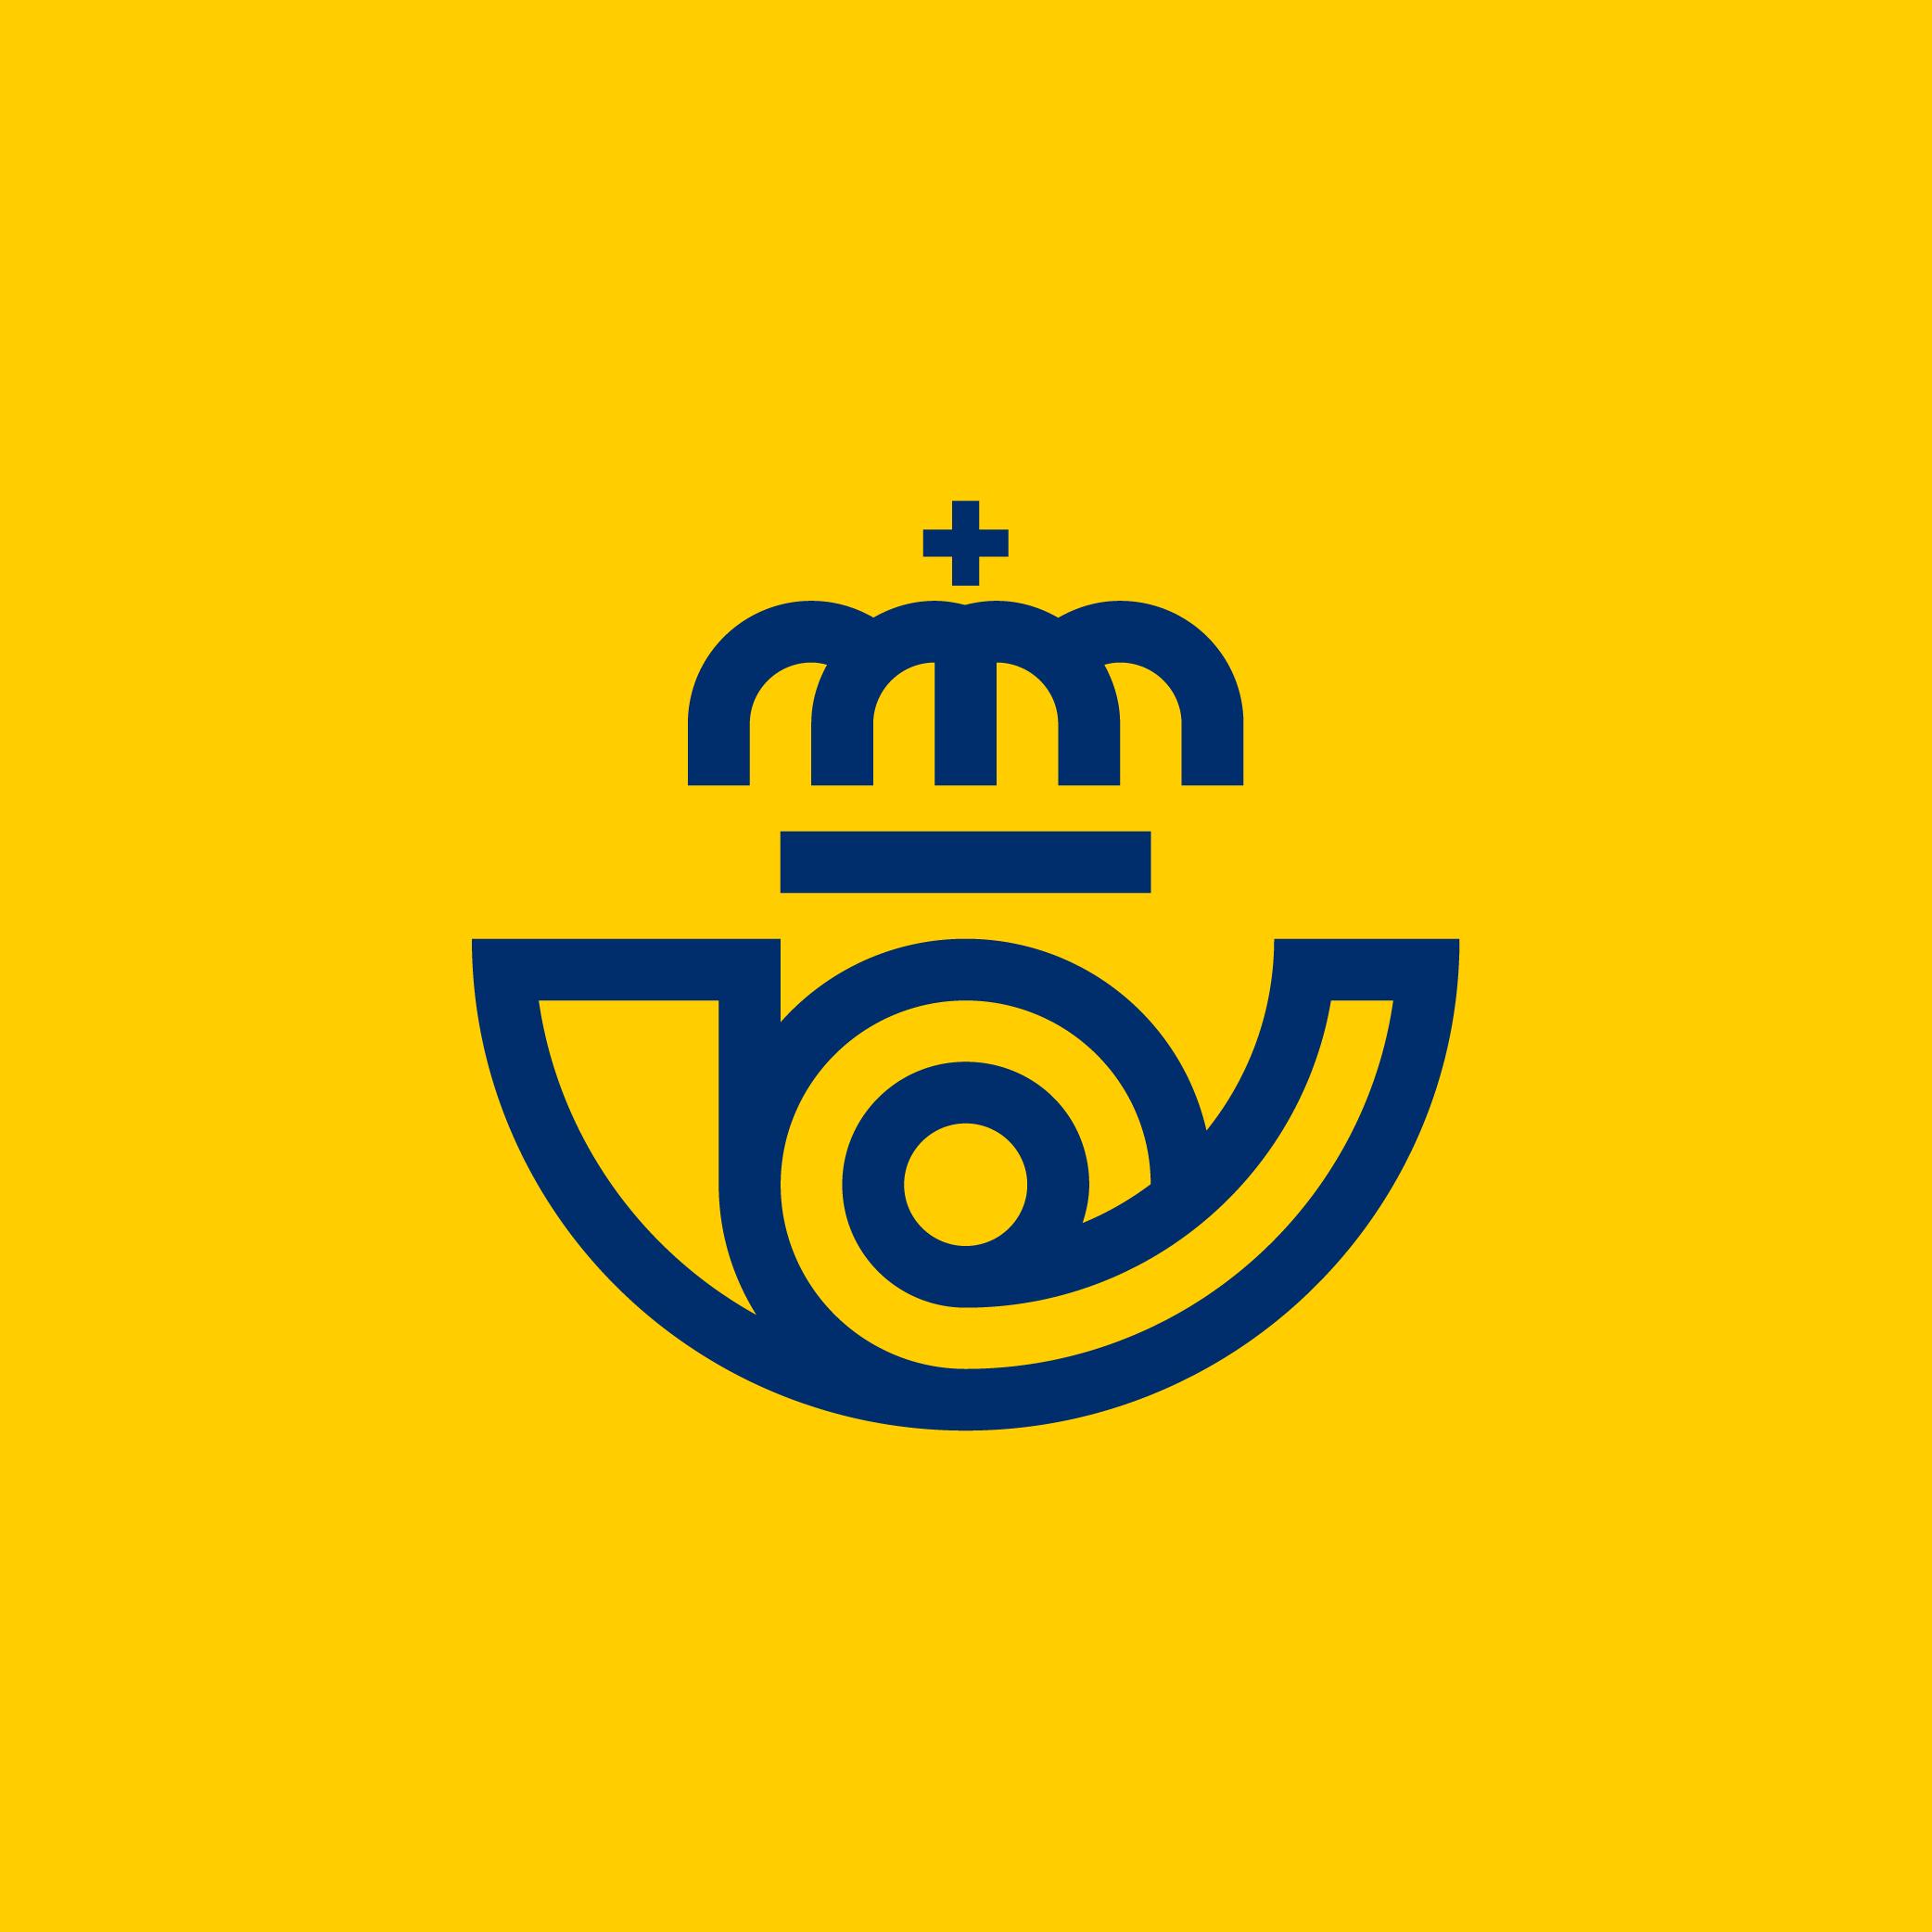 www.correos.es